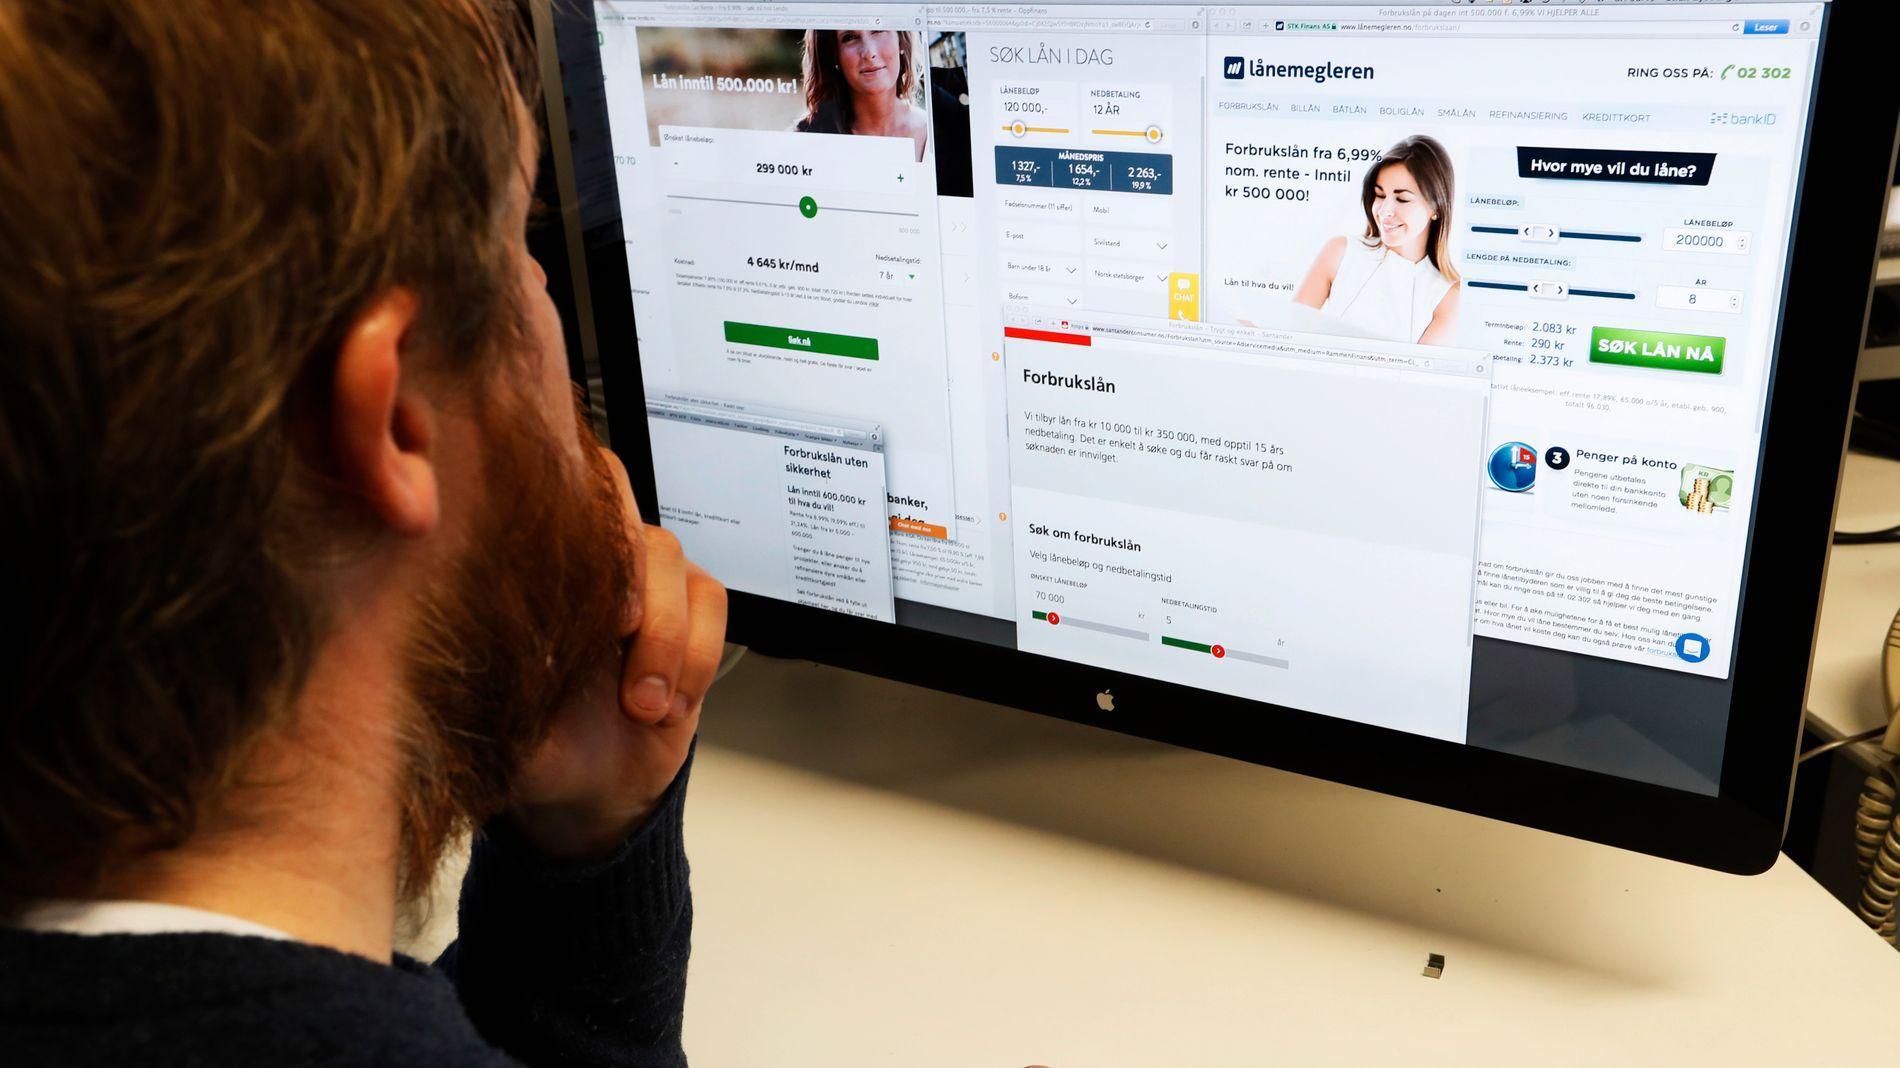 KJAPPE FRISTELSER: De siste årene har markedsføringen av forbrukslån i ekspressfart eksplodert i Norge. Men bransjen mangler kontrollrutiner og innvilger en drøss av lån basert på feilaktige opplysninger, ifølge banksjef.